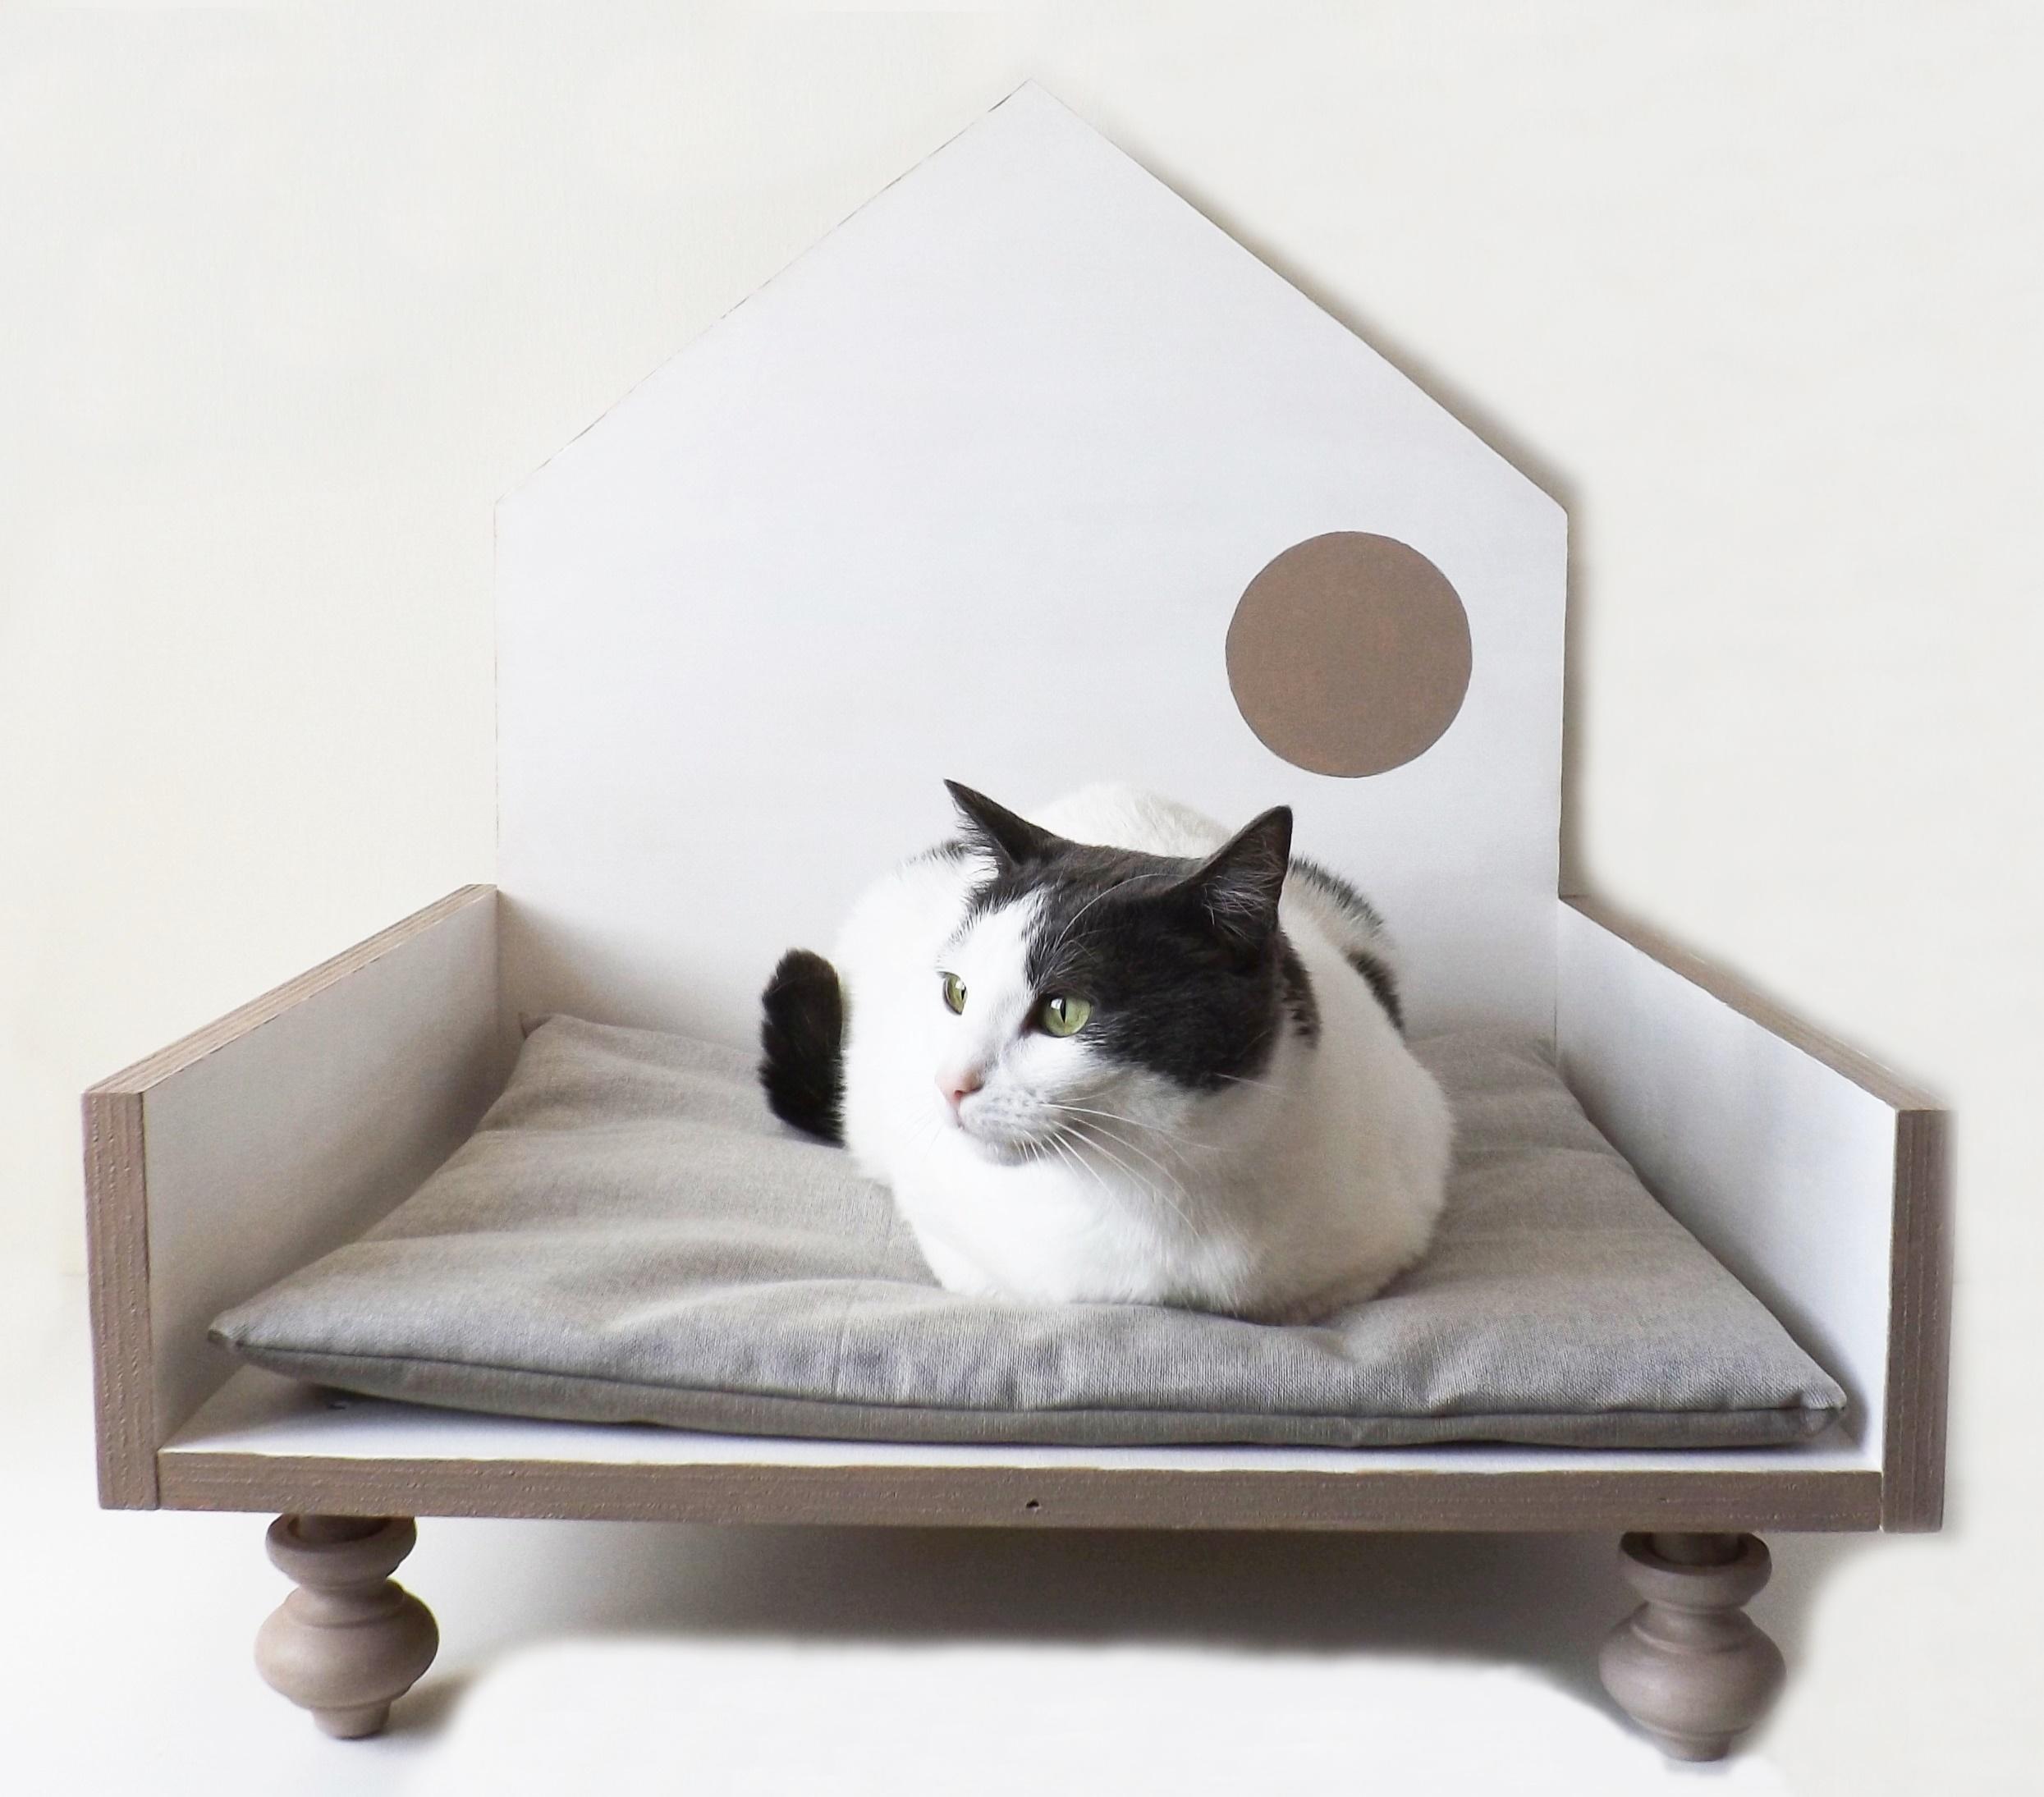 Cucce Design Per Cani cuccia di design in legno per gatti e cani di taglia piccola _ pois bianco  e grigio talpa